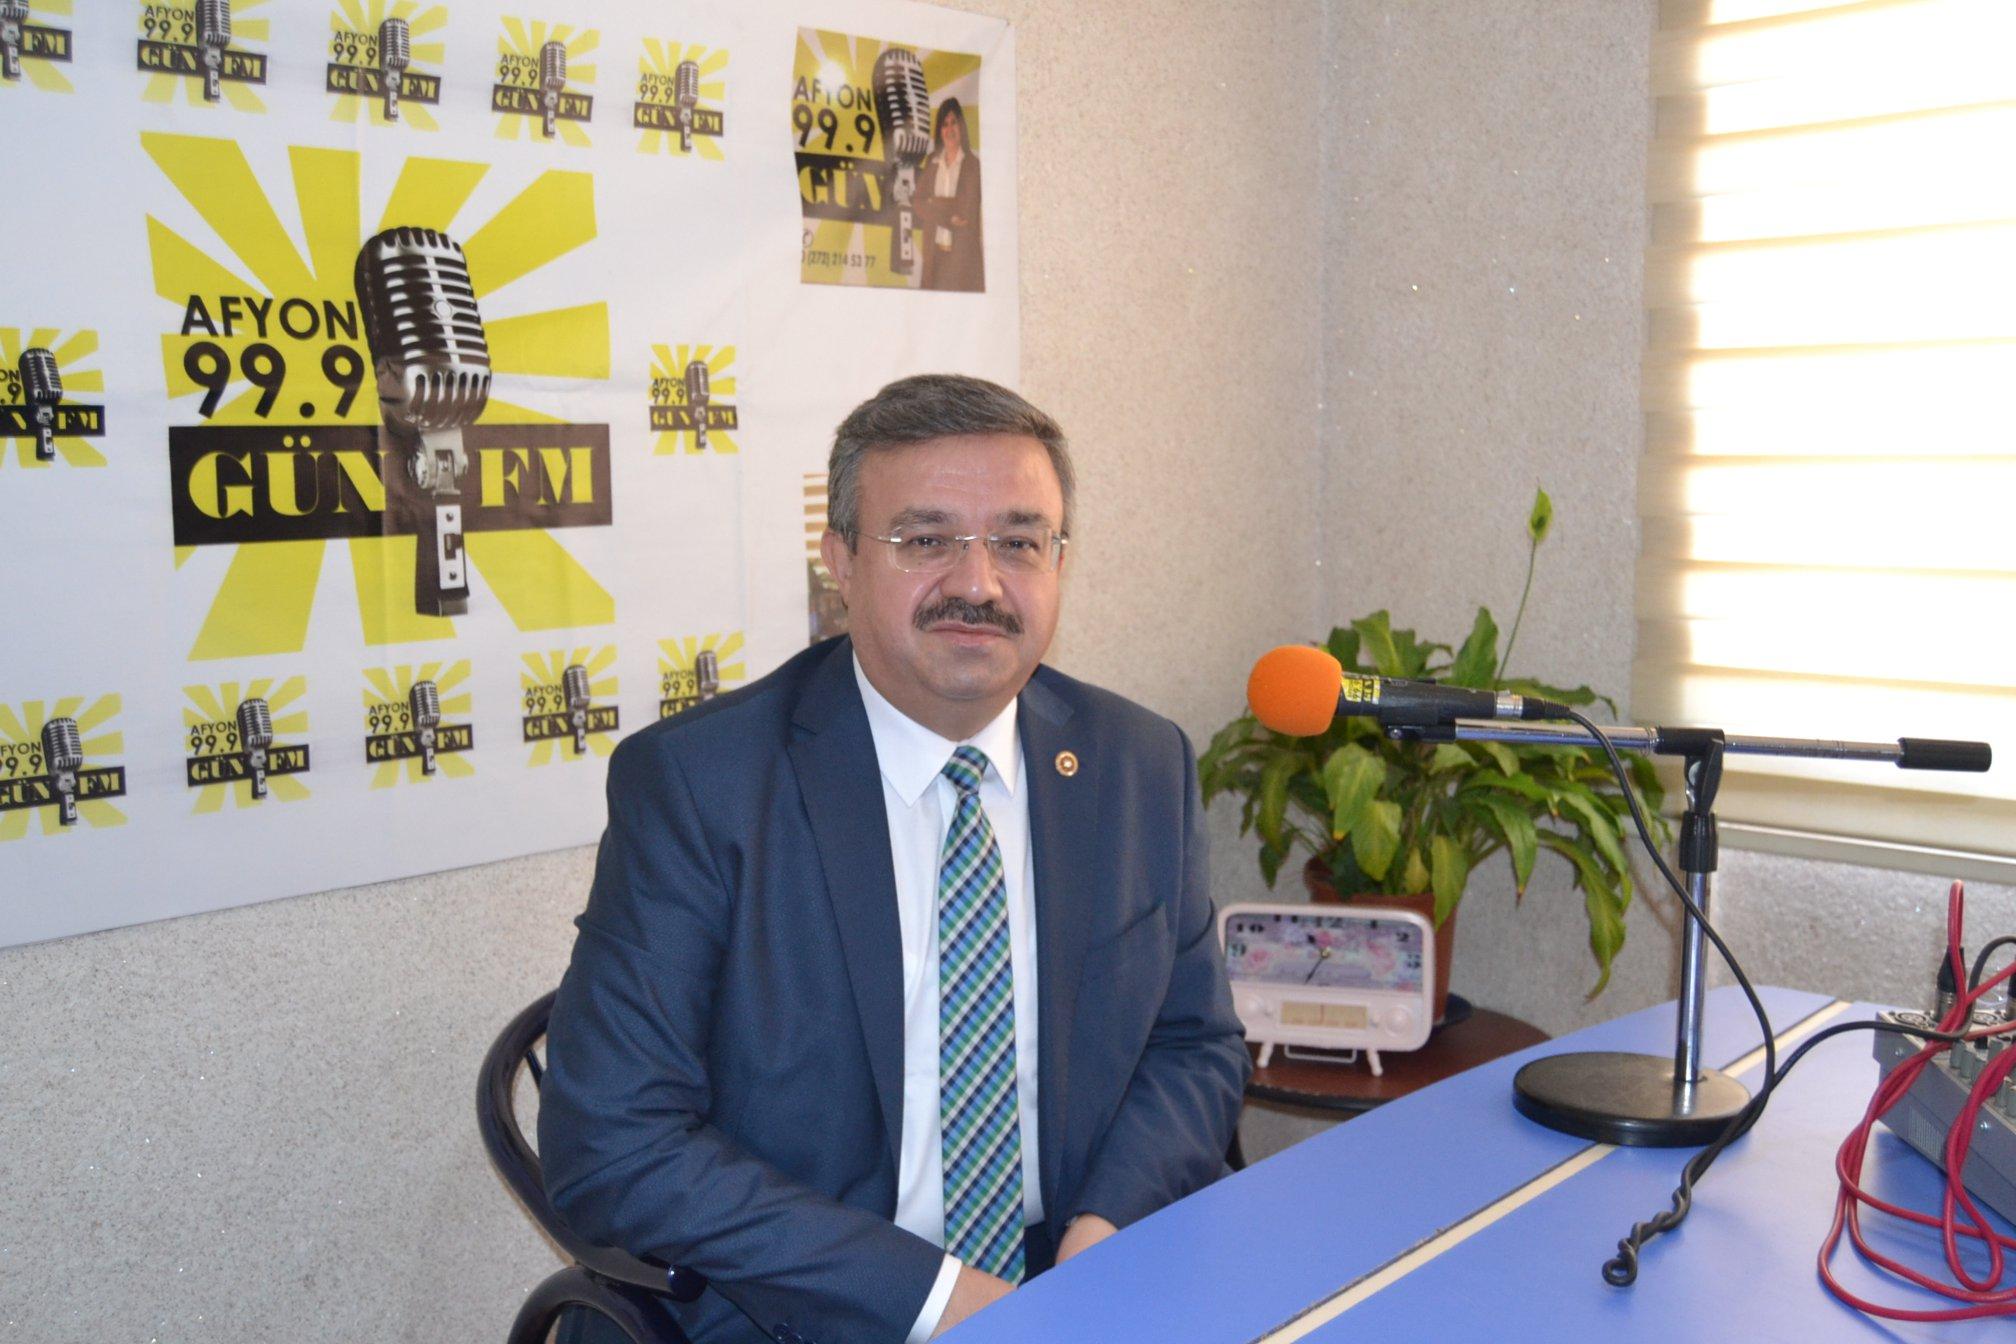 Yurdunuseven Gün FM'in konuğu oldu